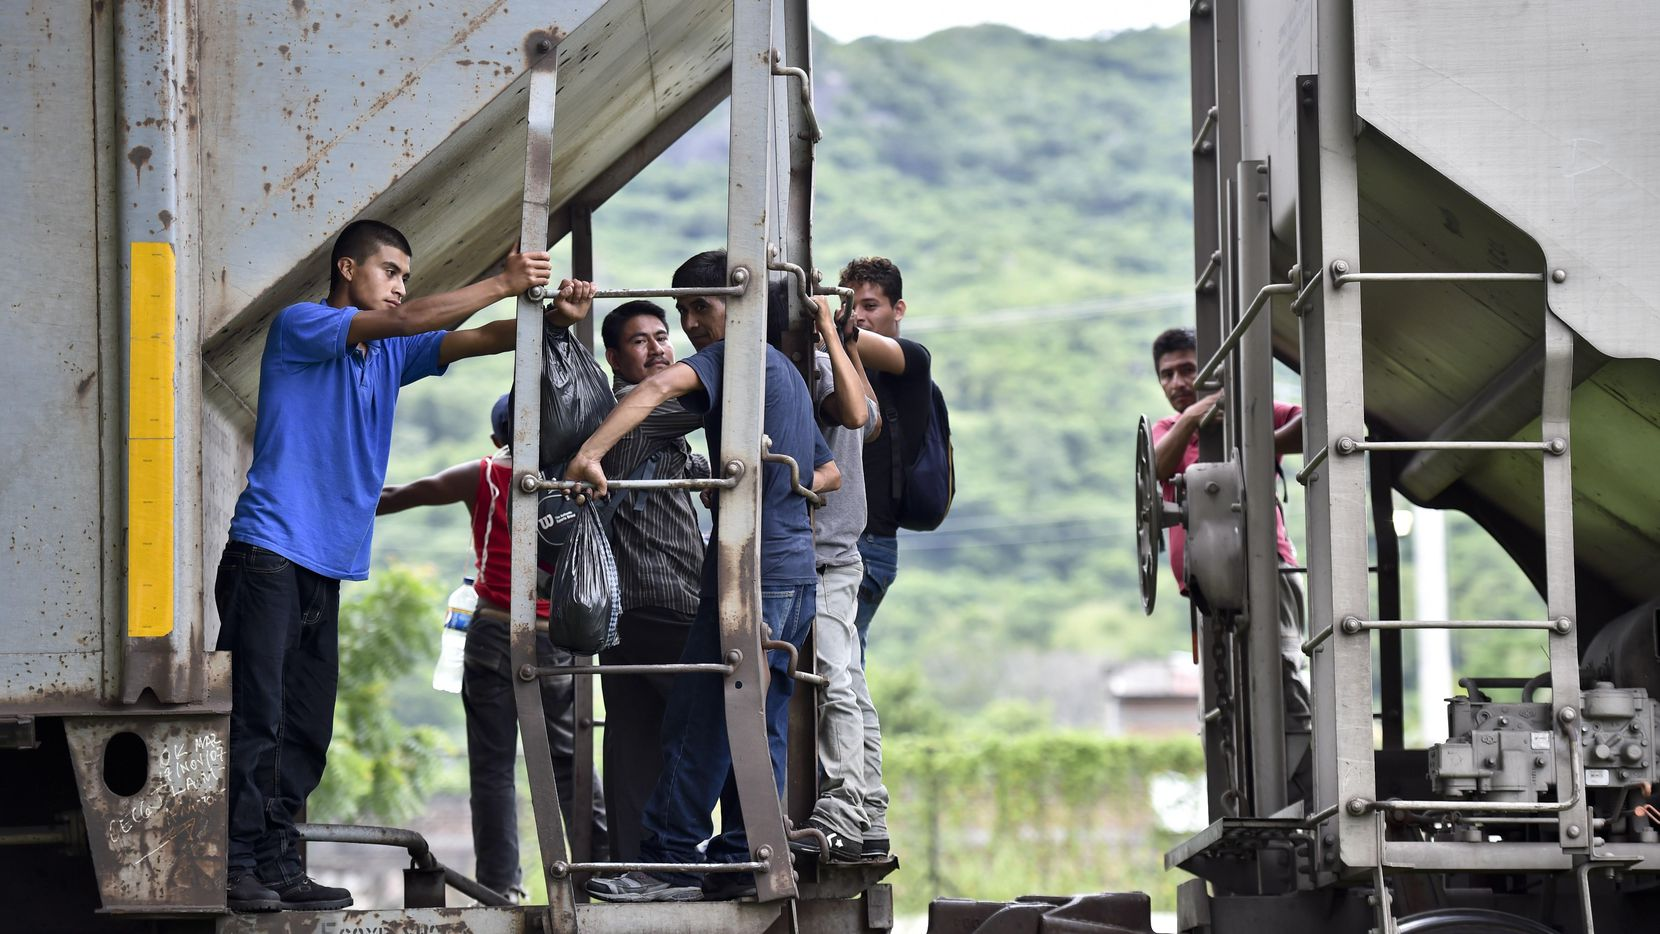 """Inmigrantes centroamericanos abordan el tren conocido como """"La Bestia"""" en Chiapas, México, en su intento de llegar a Estados Unidos. (GETTI IMAGES/YURI CORTEZ)"""